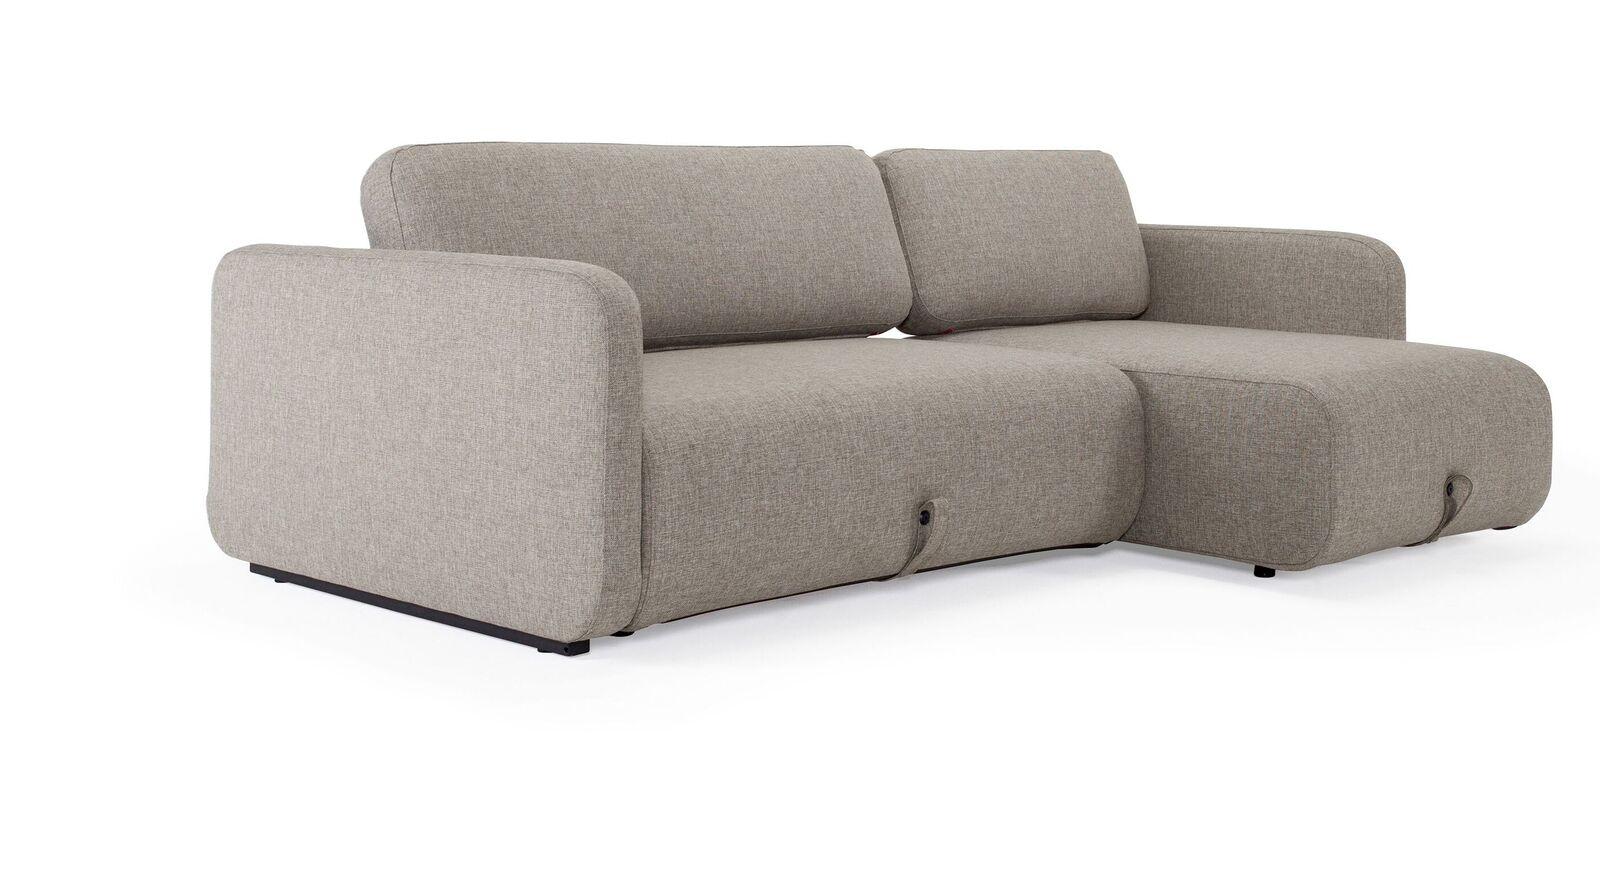 Schlafsofa Mikan mit beweglichen Sitzpolstern